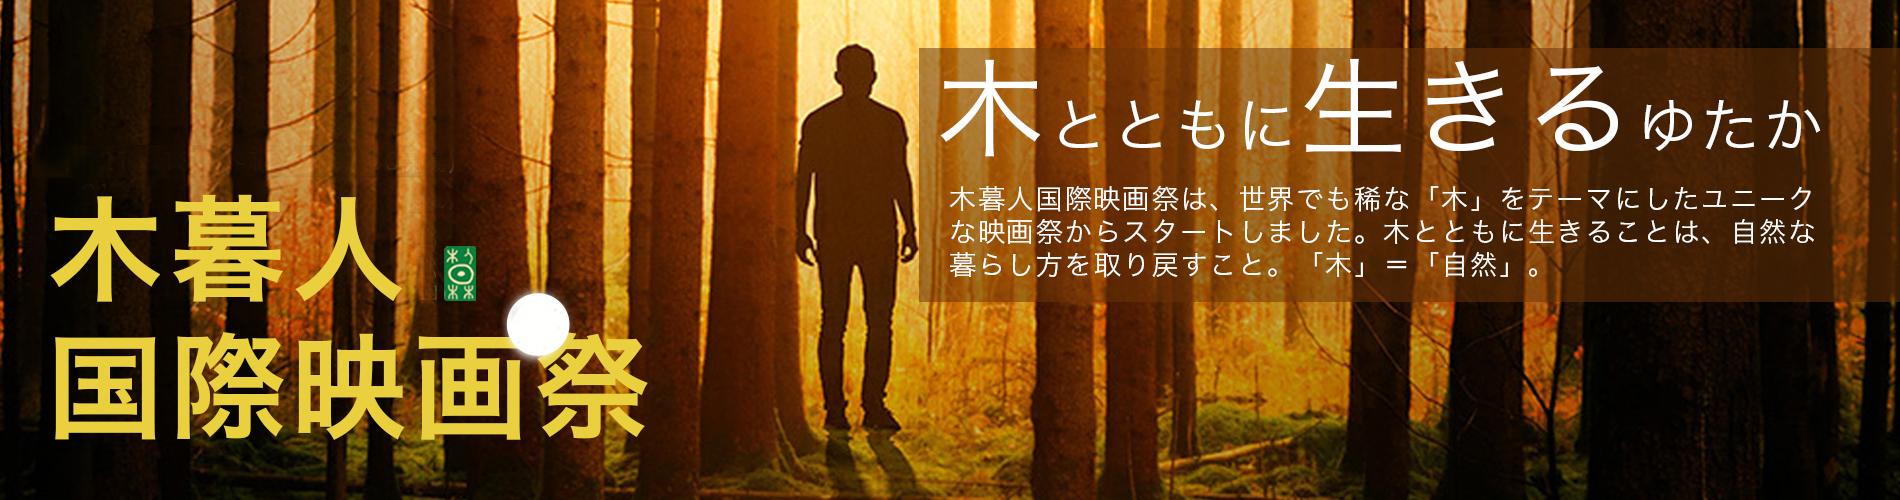 木暮人国際映画祭